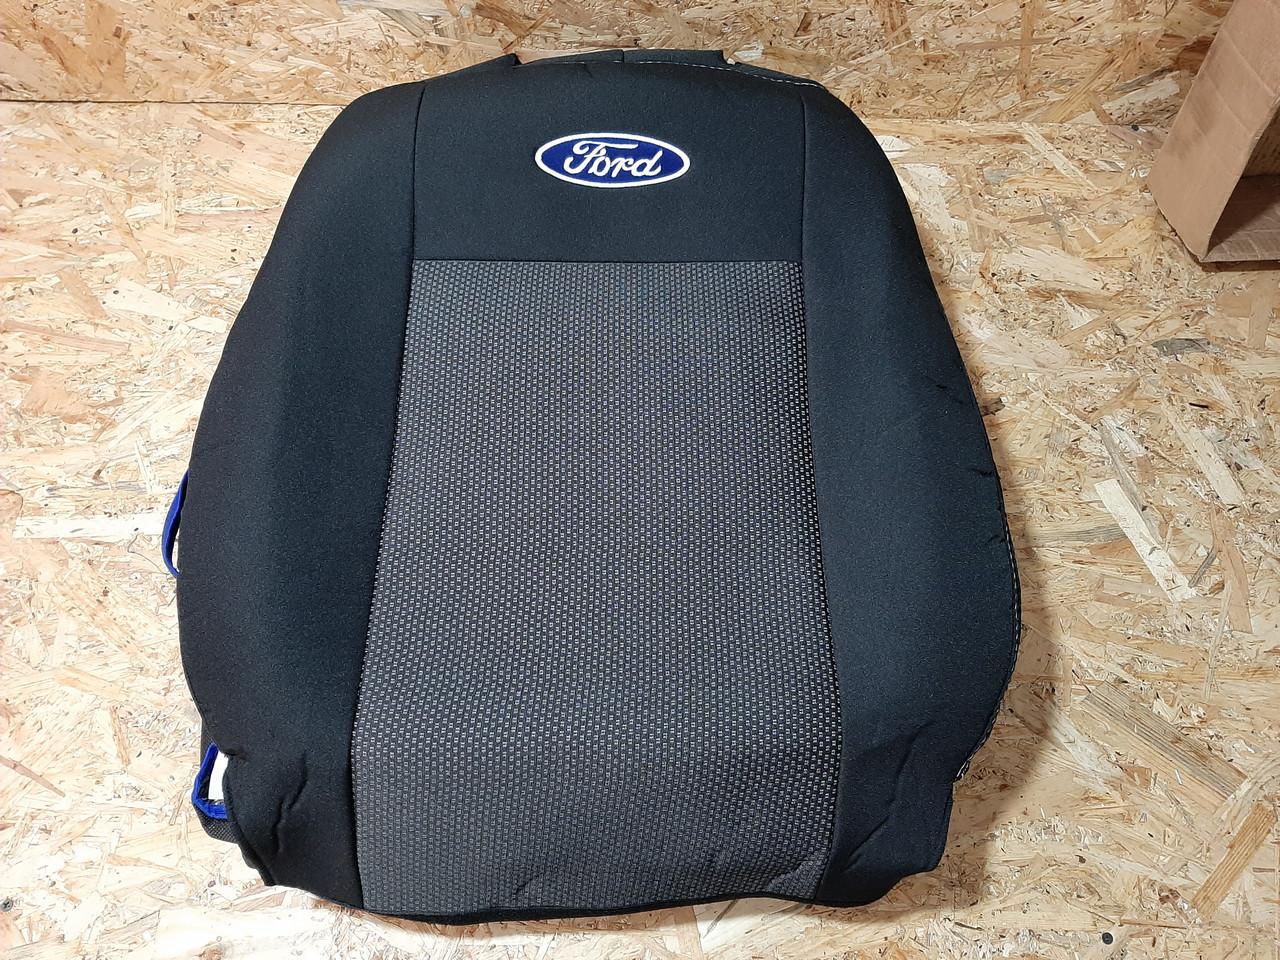 """Автомобильные чехлы на Ford Tourneo Custom (9 мест) 2013- / авто чехлы Форд Торнео Кустом """"EMC Elegant"""""""